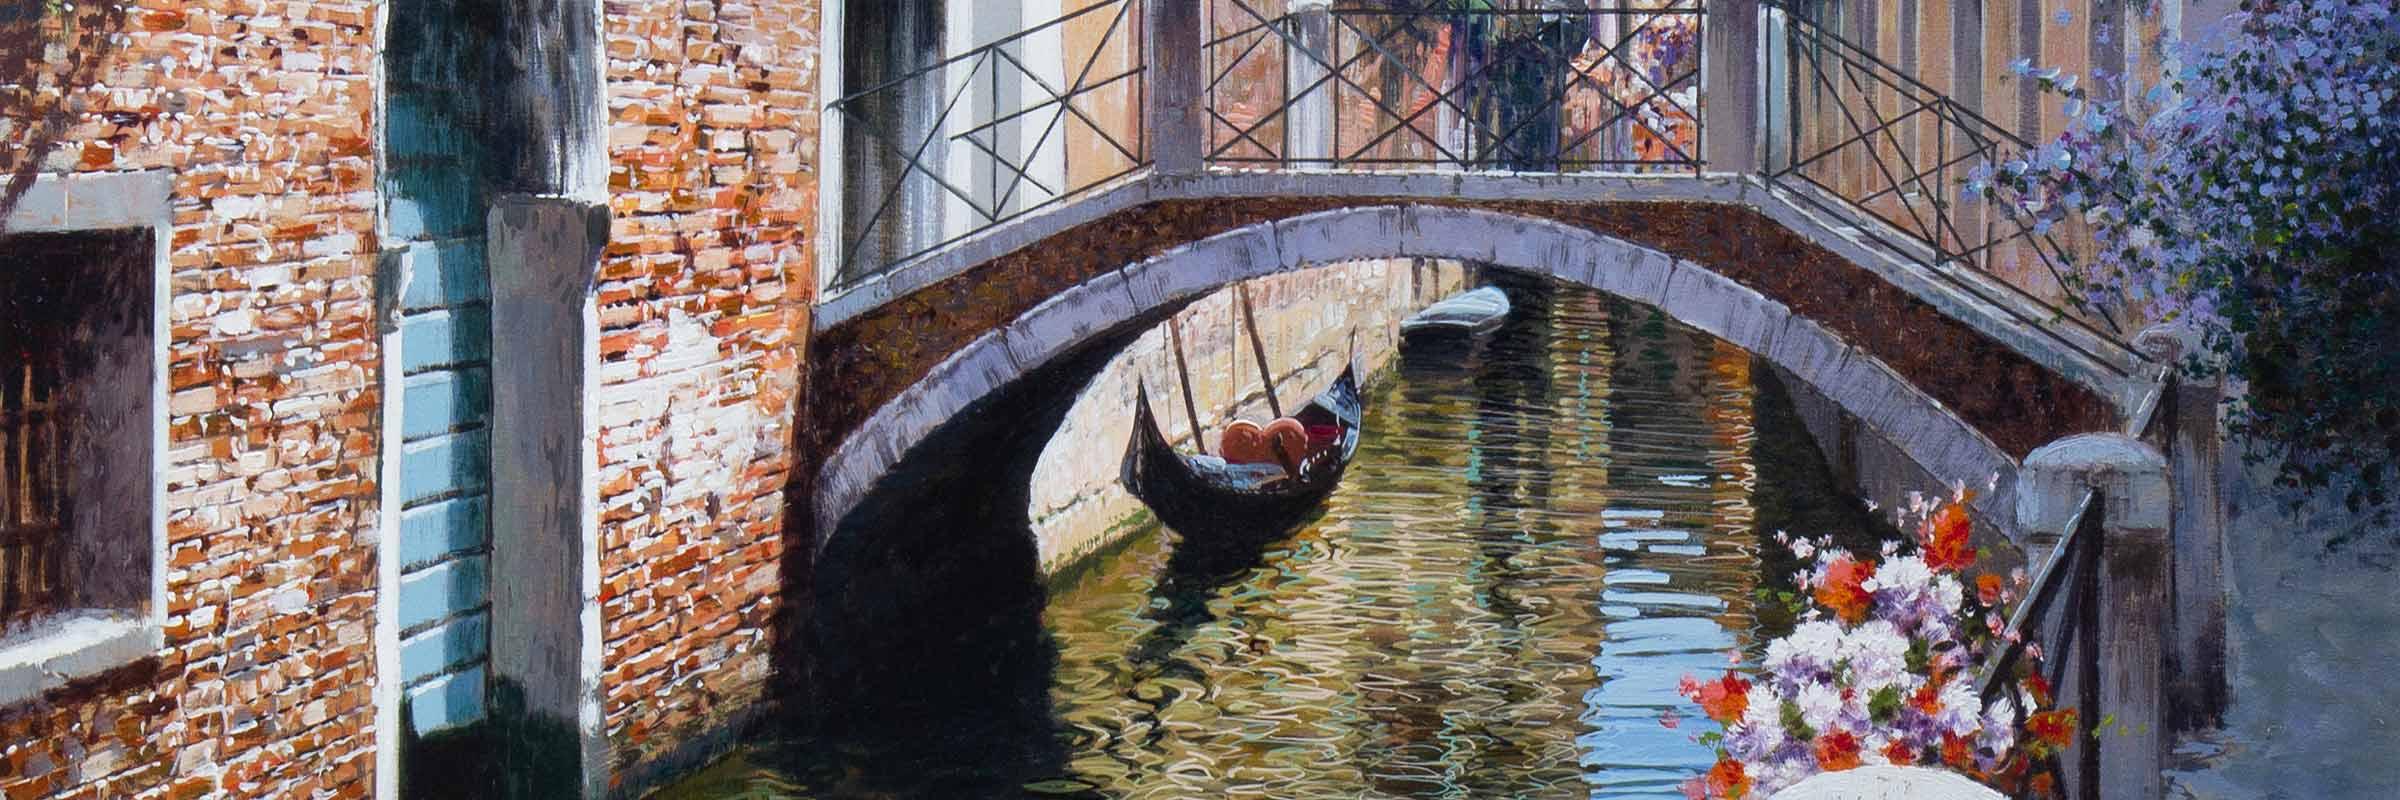 Raffaele Fiore painting of Venice